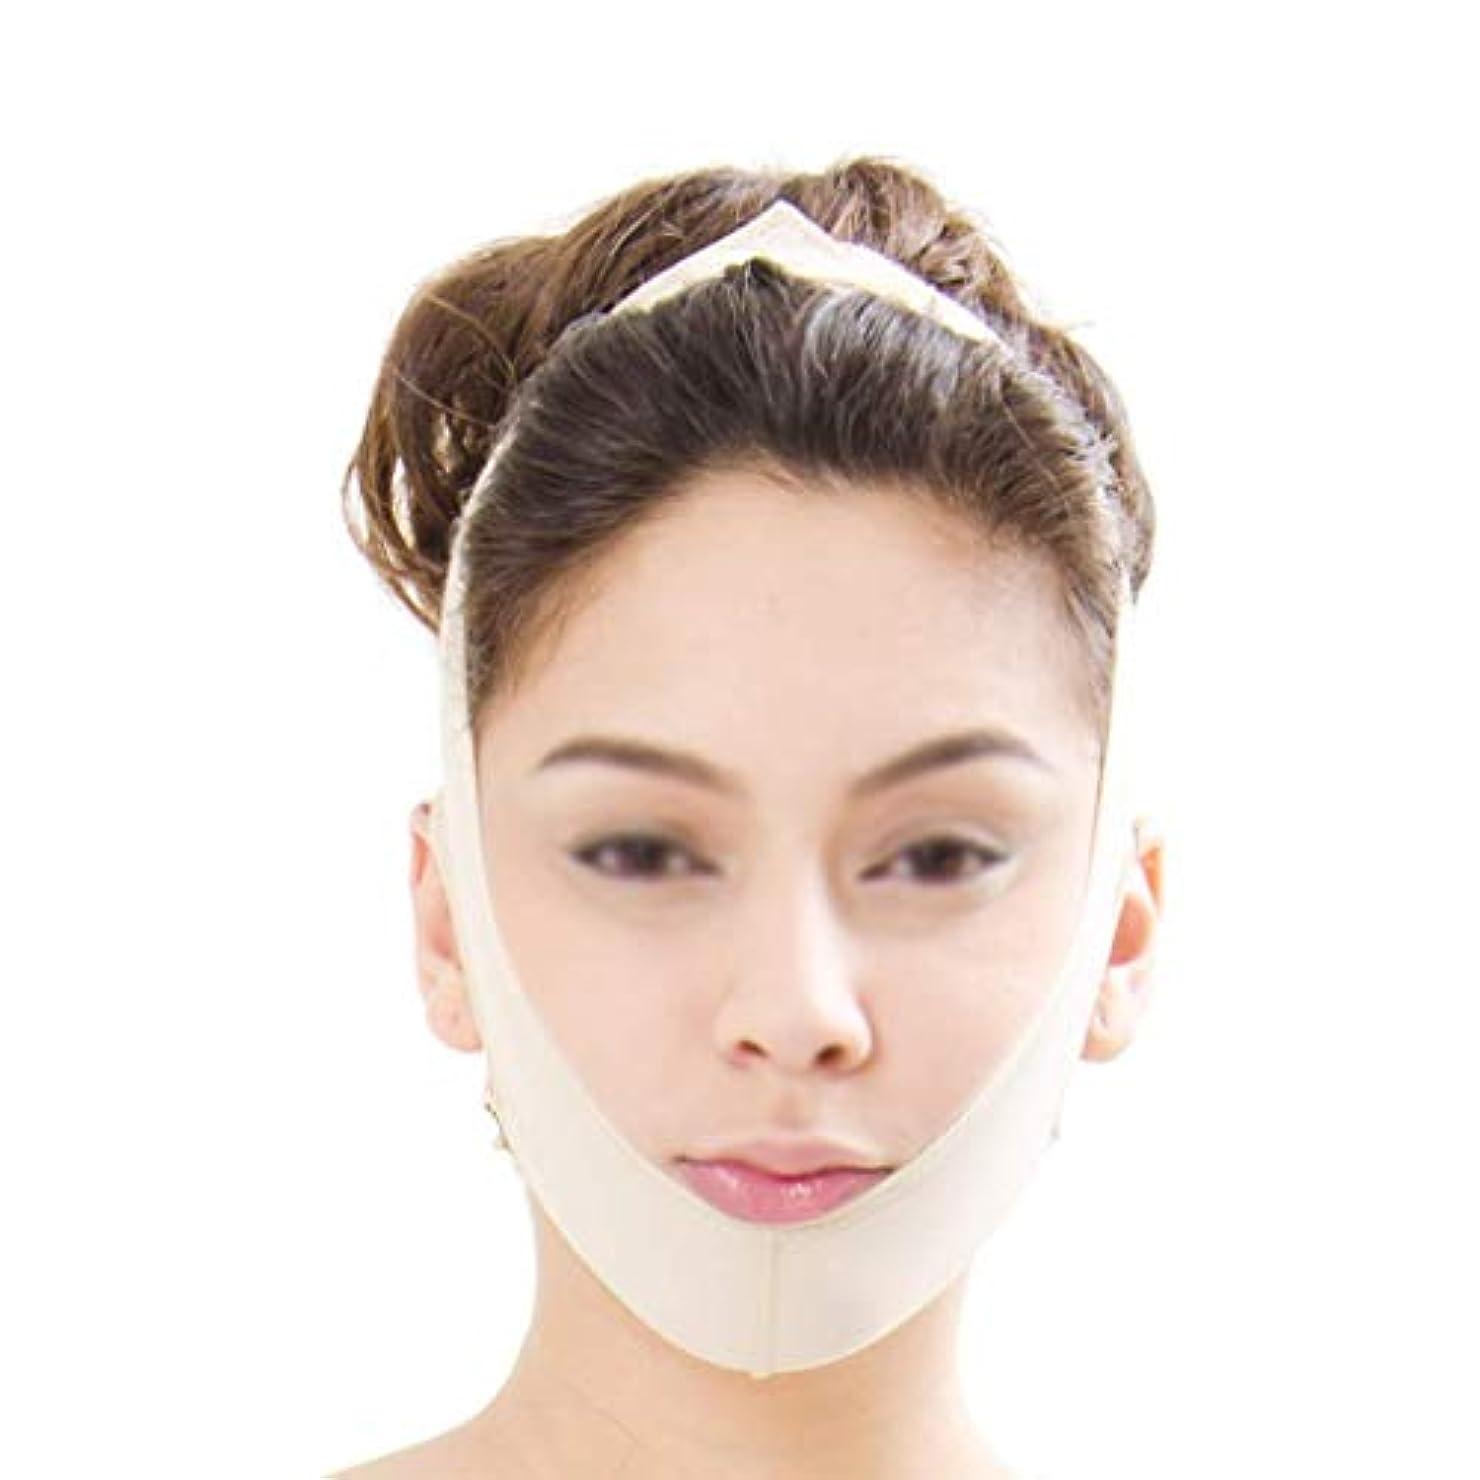 フェイススリミングバンデージ、フェイスリフティングマスク、フェイスリフティングバンデージ、フェイシャル減量マスク、ダブルチンケア減量(サイズ:M),M